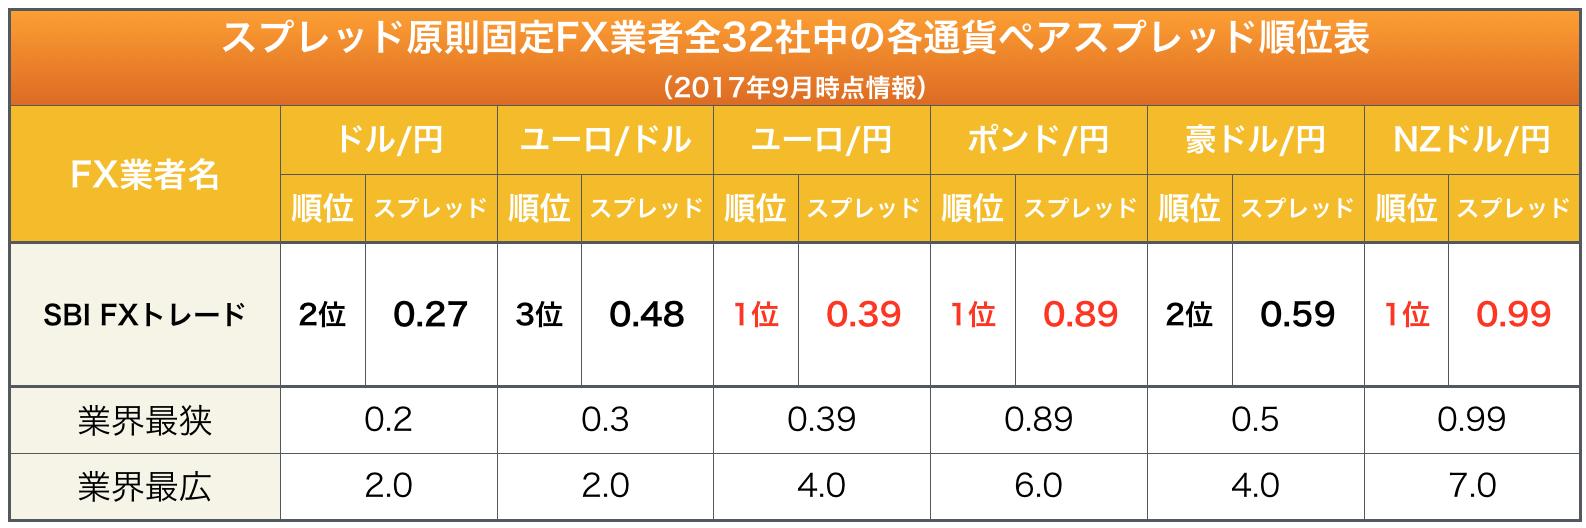 SBI FXトレードの主要通貨ペアに於けるスプレッド